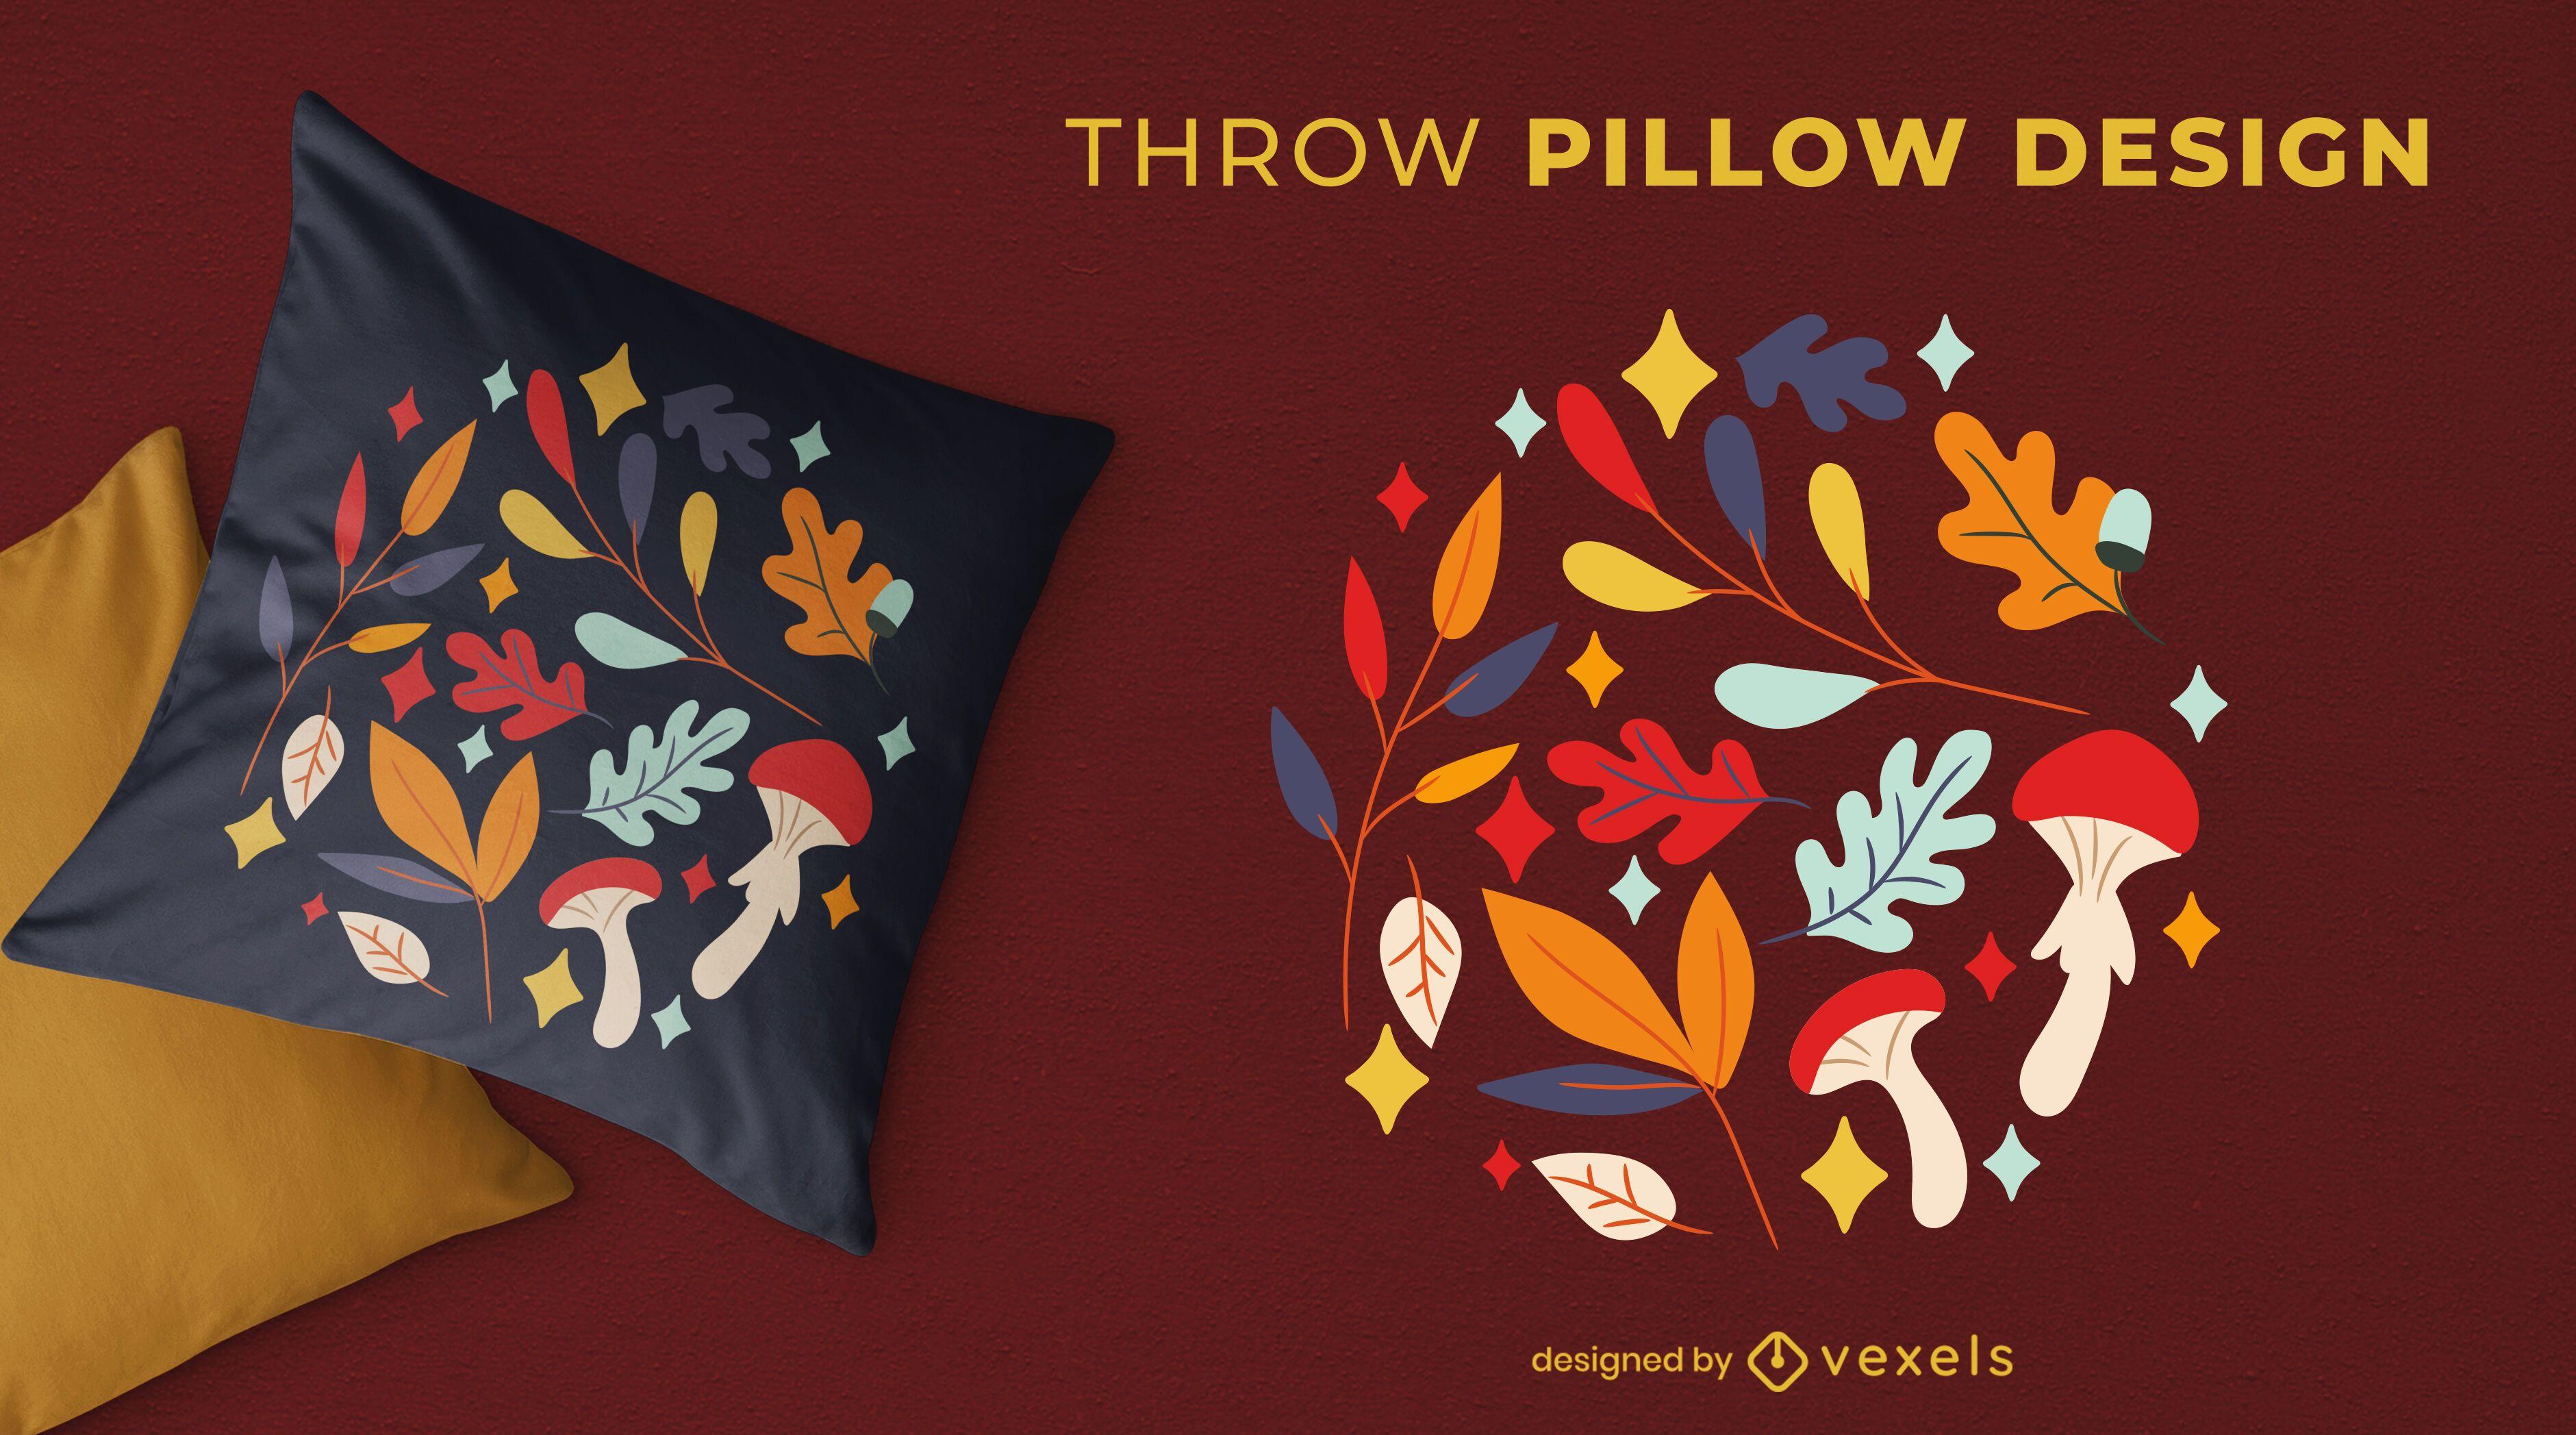 Diseño de almohada de decoración de otoño.